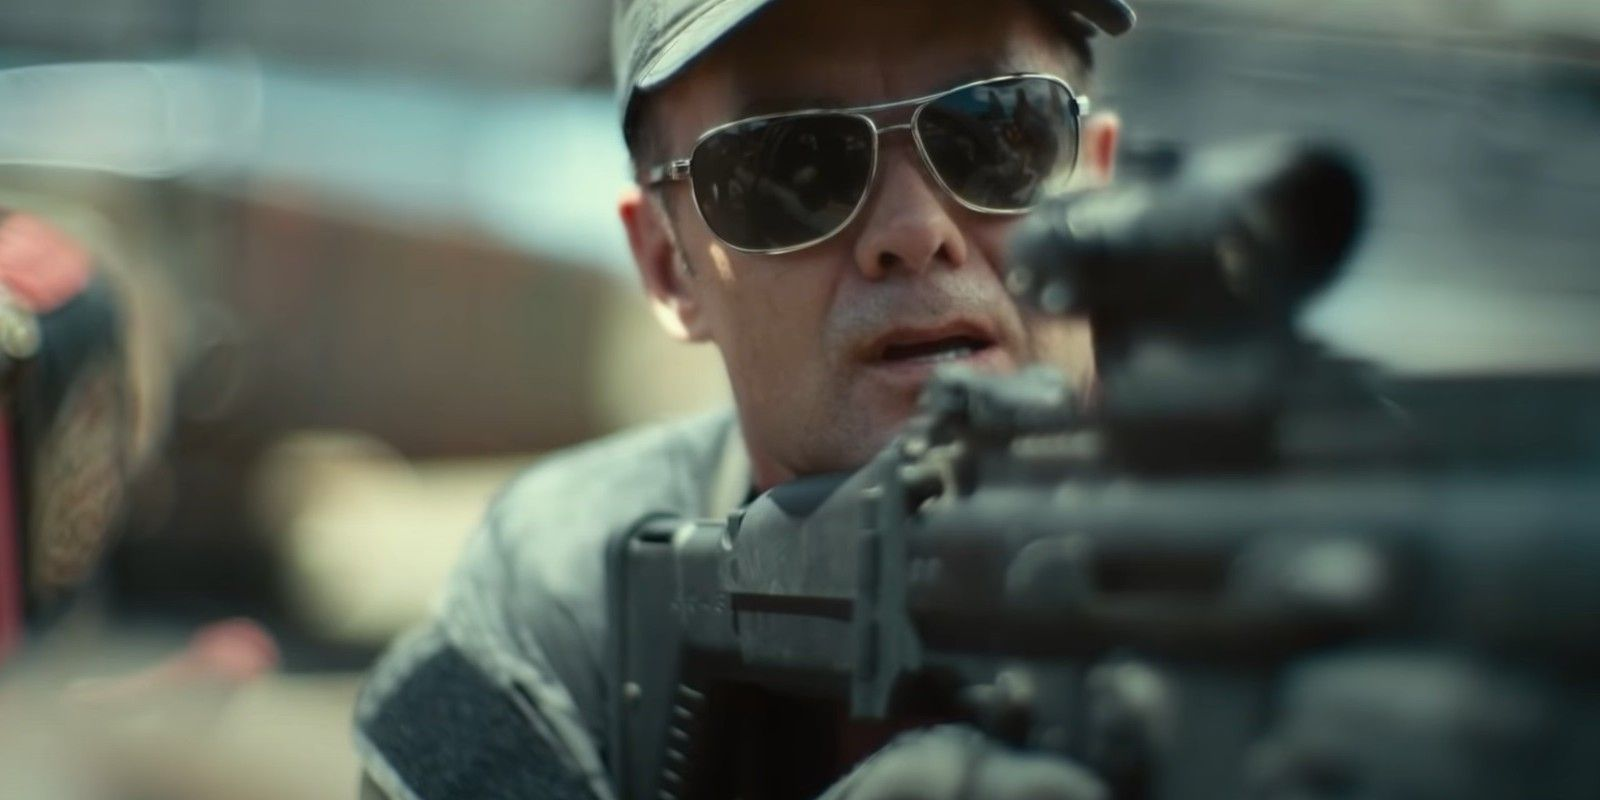 Análise do trailer Army of the Dead: Invasão em Las Vegas: 31 revelações e segredos da história 29